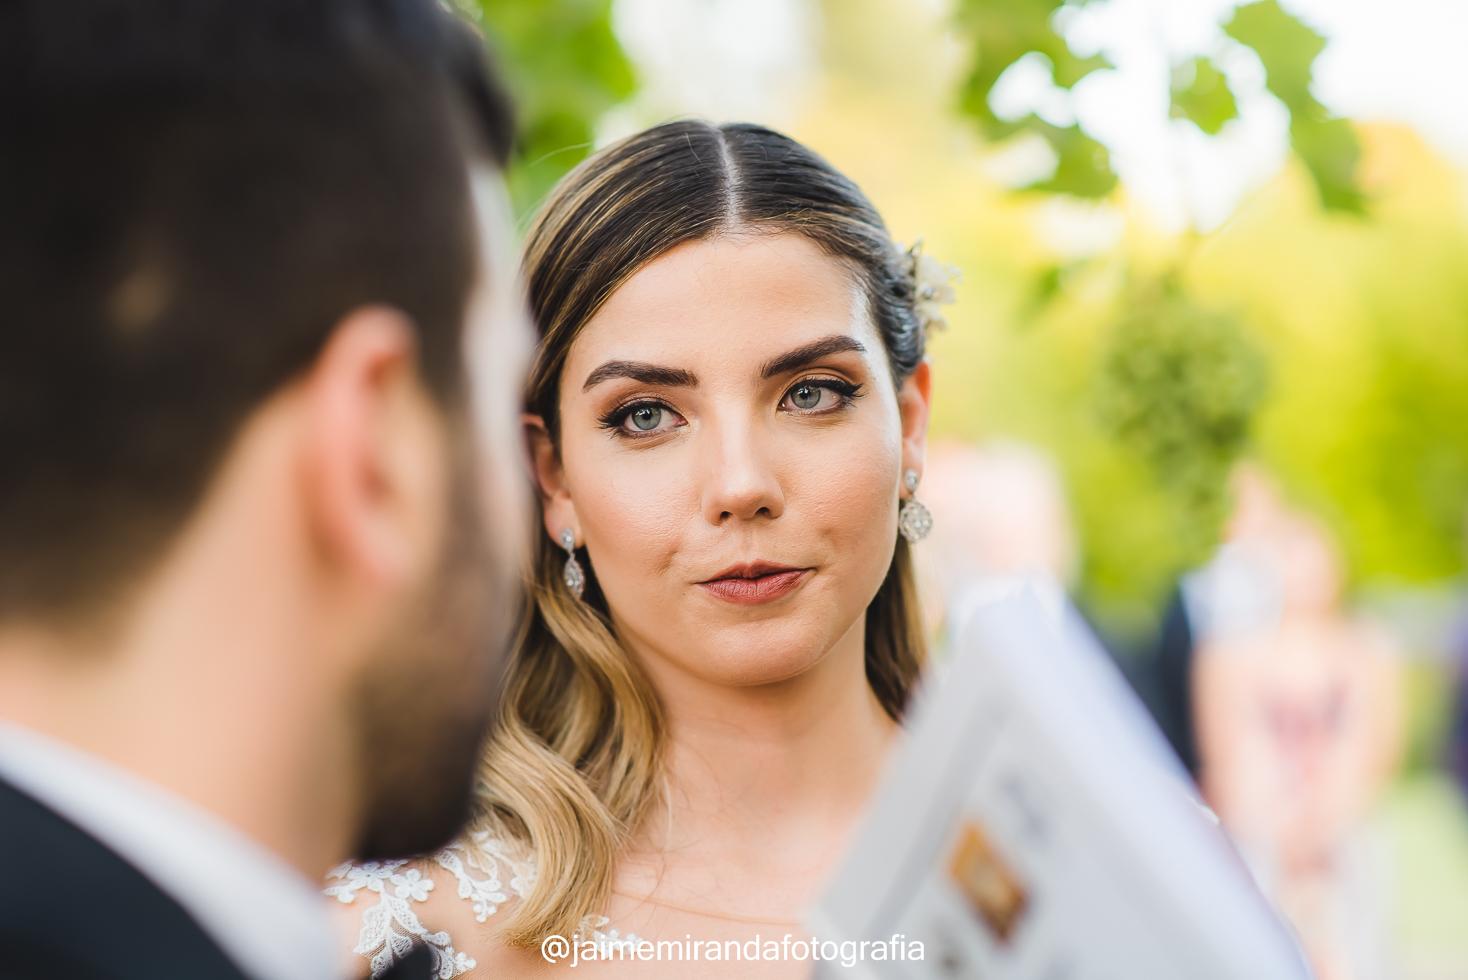 jaime miranda fotografia matrimonios (10)